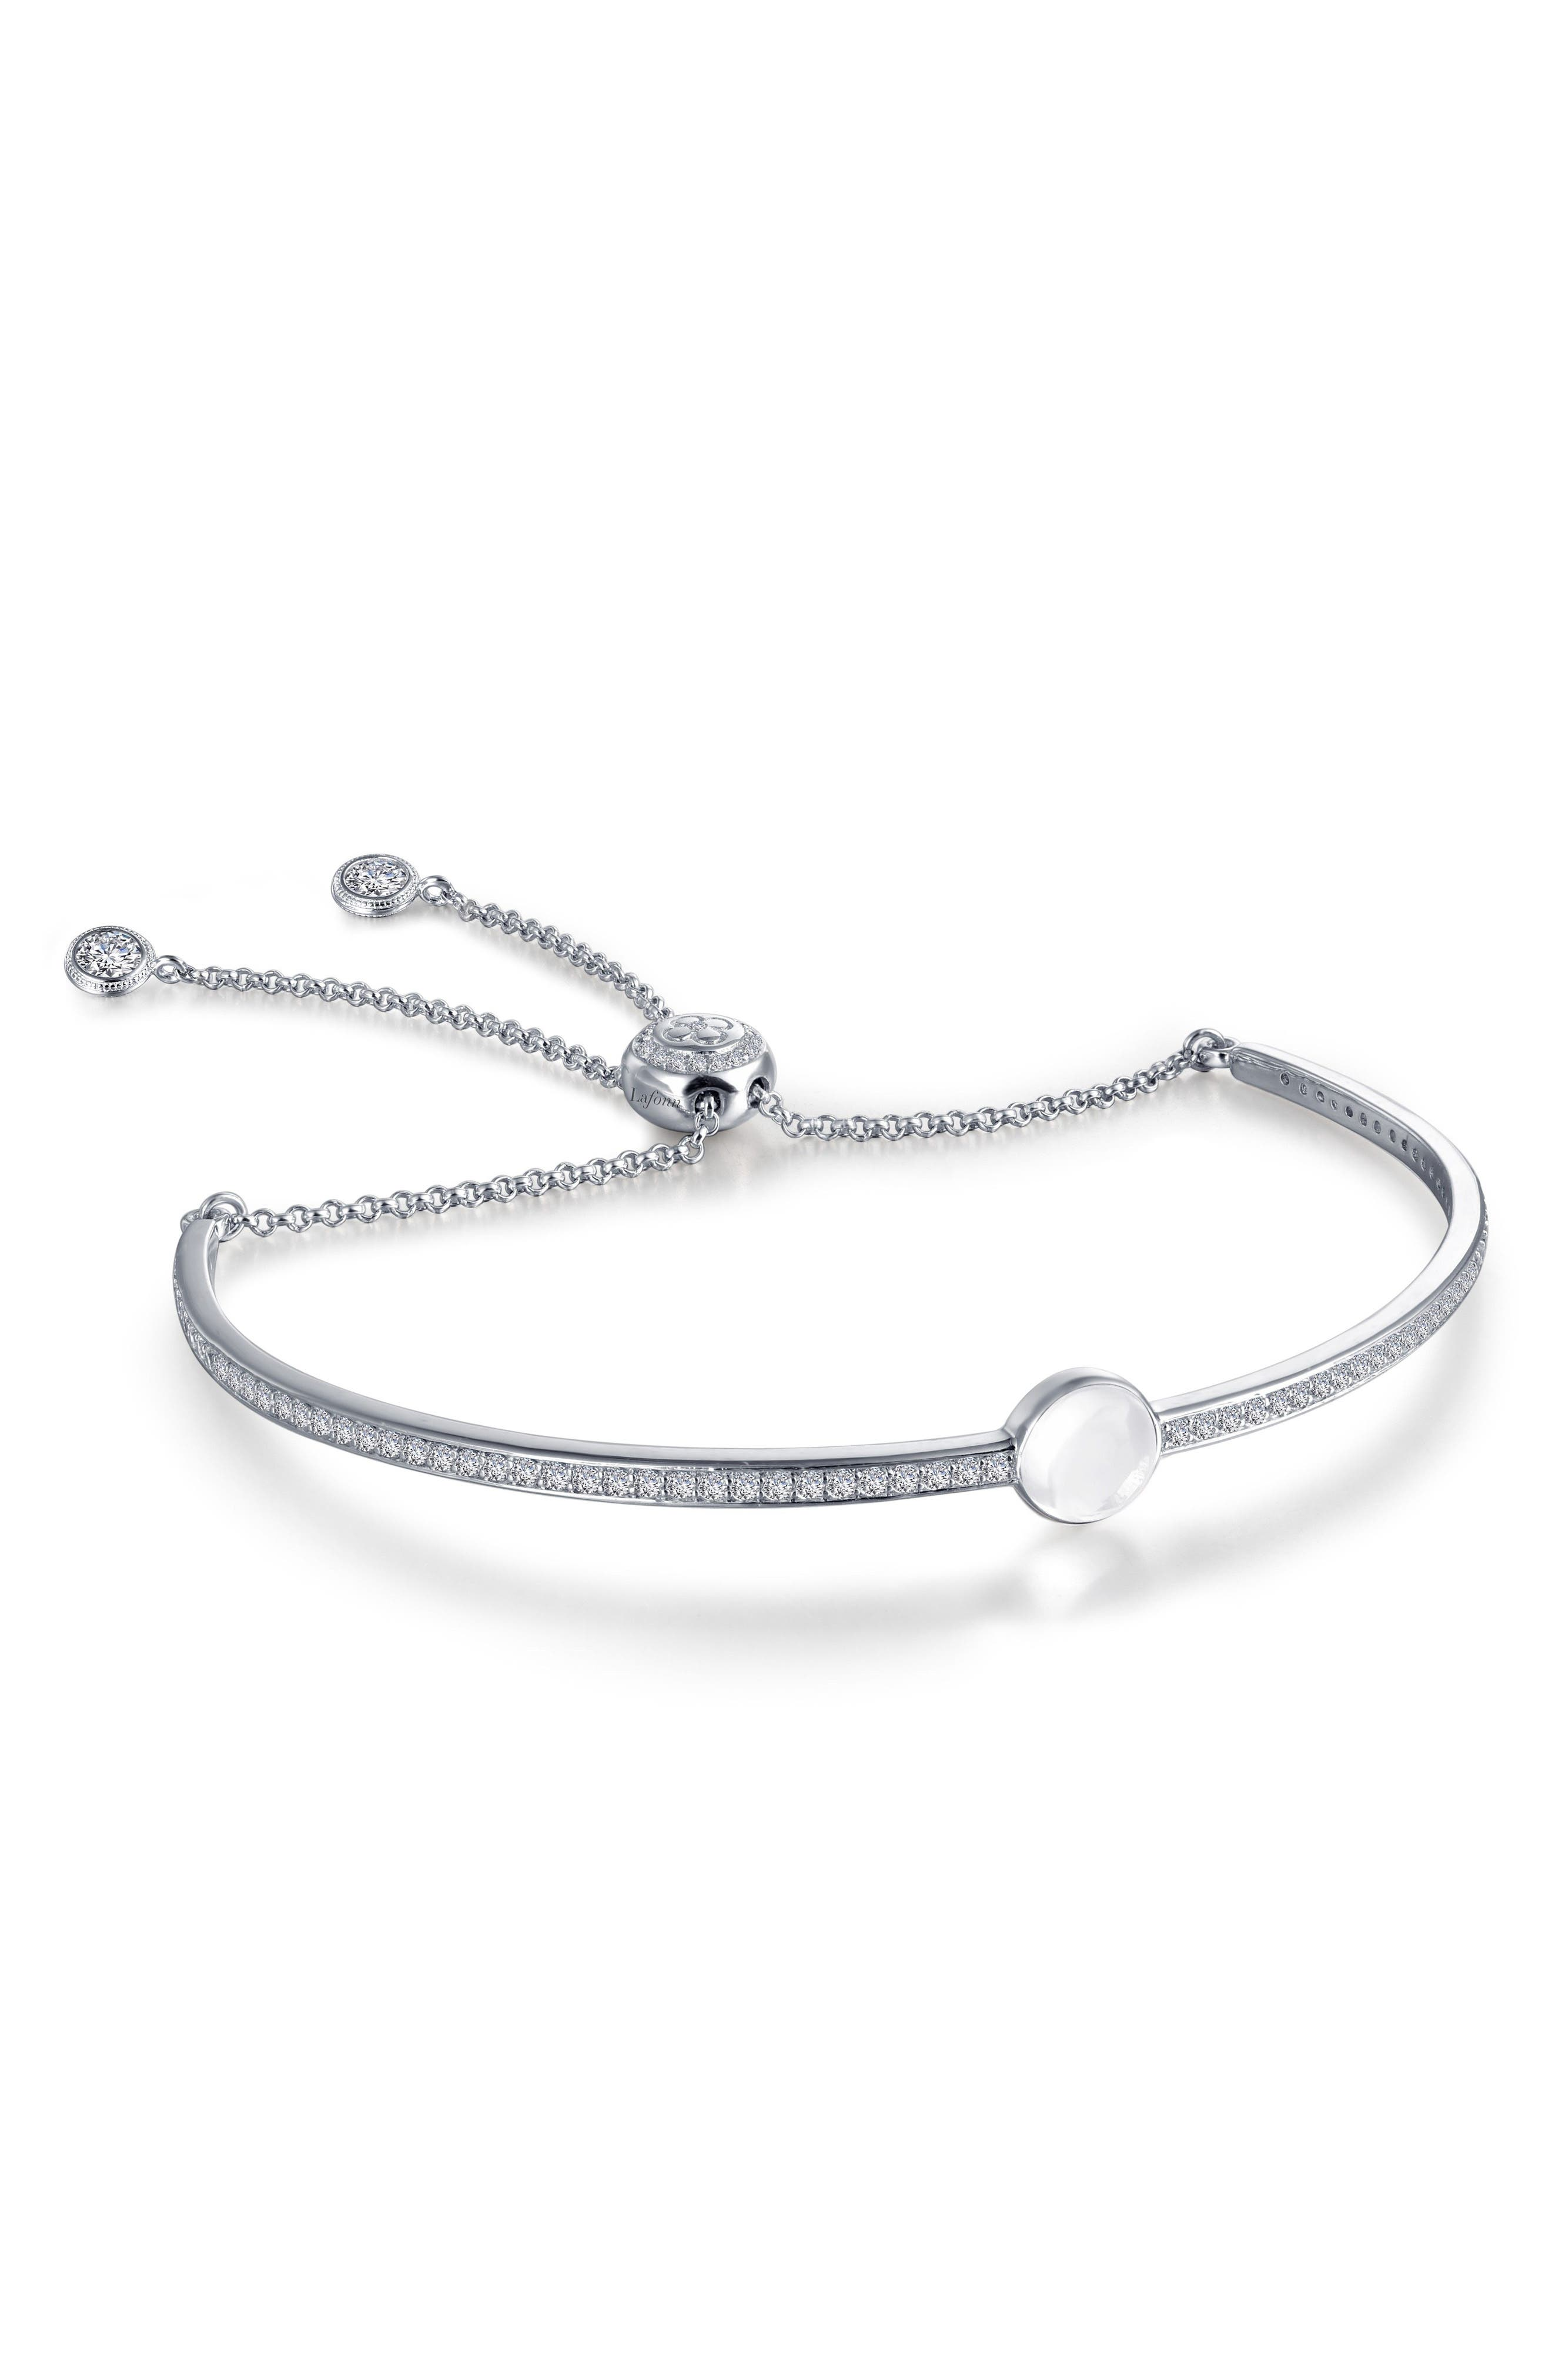 Alternate Image 1 Selected - Lafonn Jewel Simulated Diamond Birthstone Bracelet